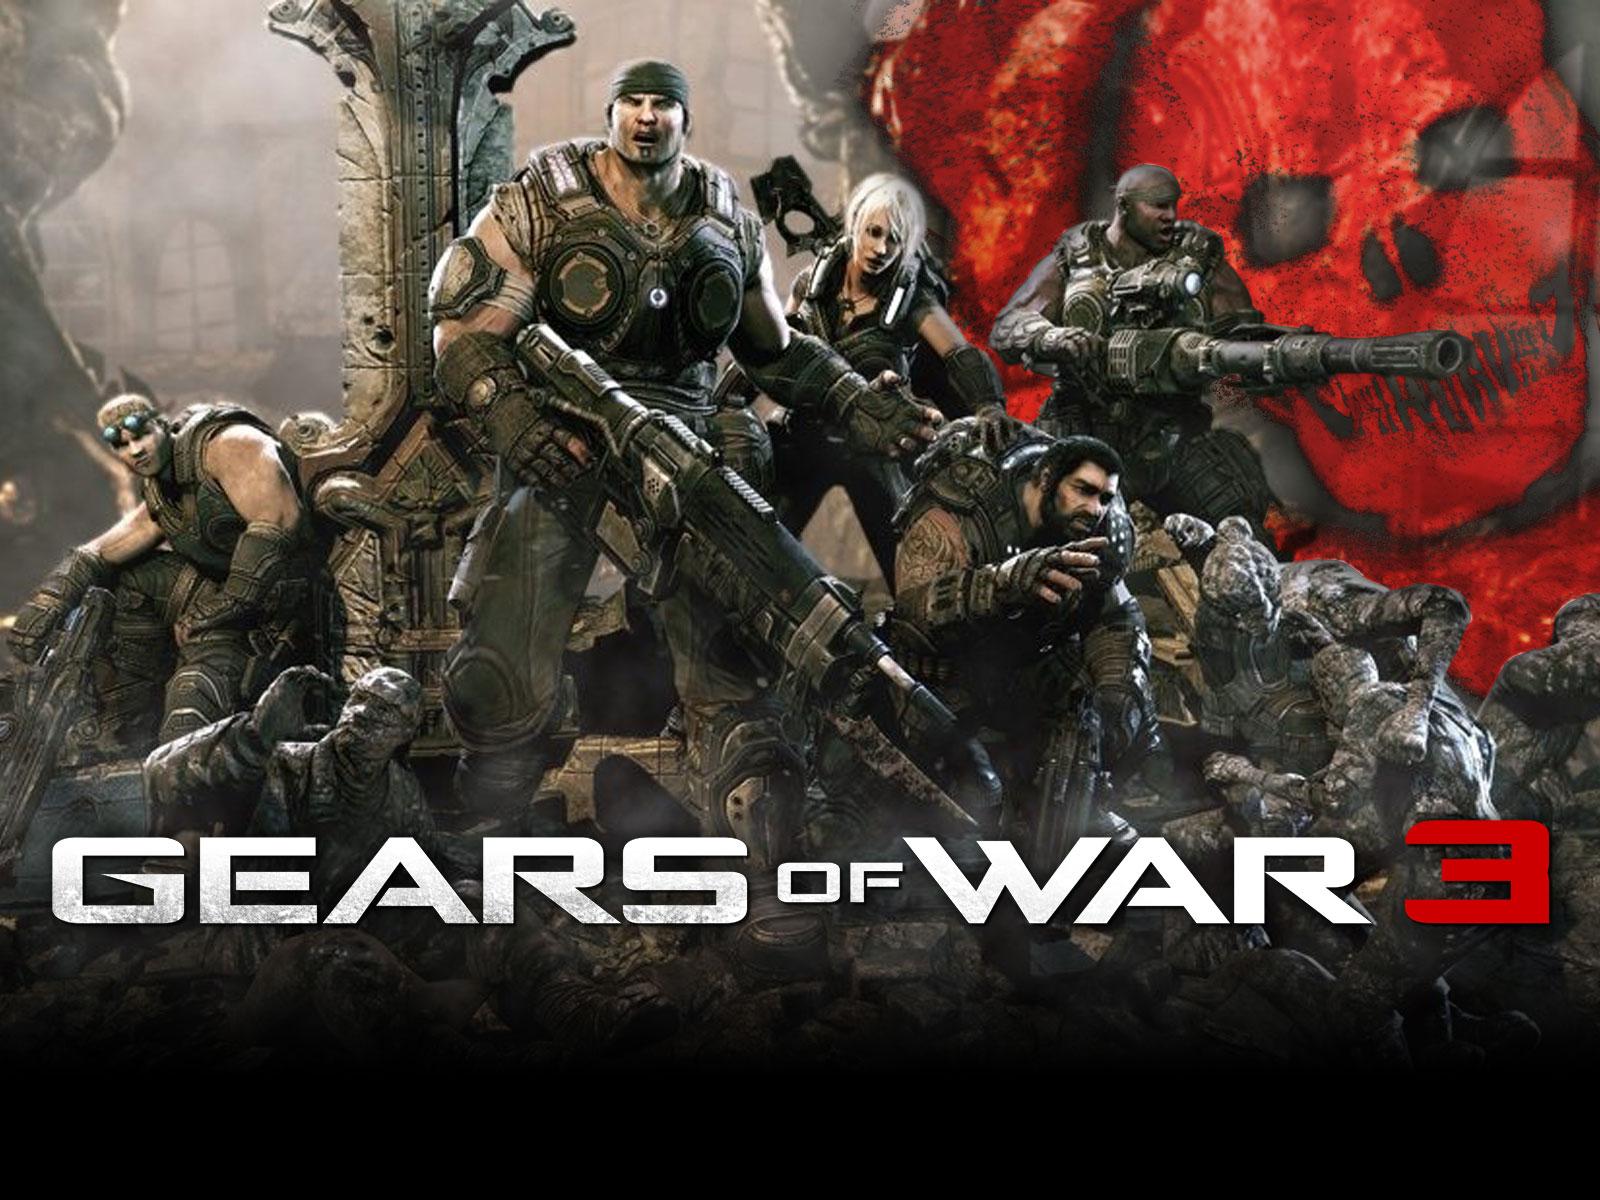 http://4.bp.blogspot.com/-2KAv93N92U0/Taj32i1OzdI/AAAAAAAAAV0/uPHUugCXwIg/s1600/gears-of-war-3-wallpaper.jpg